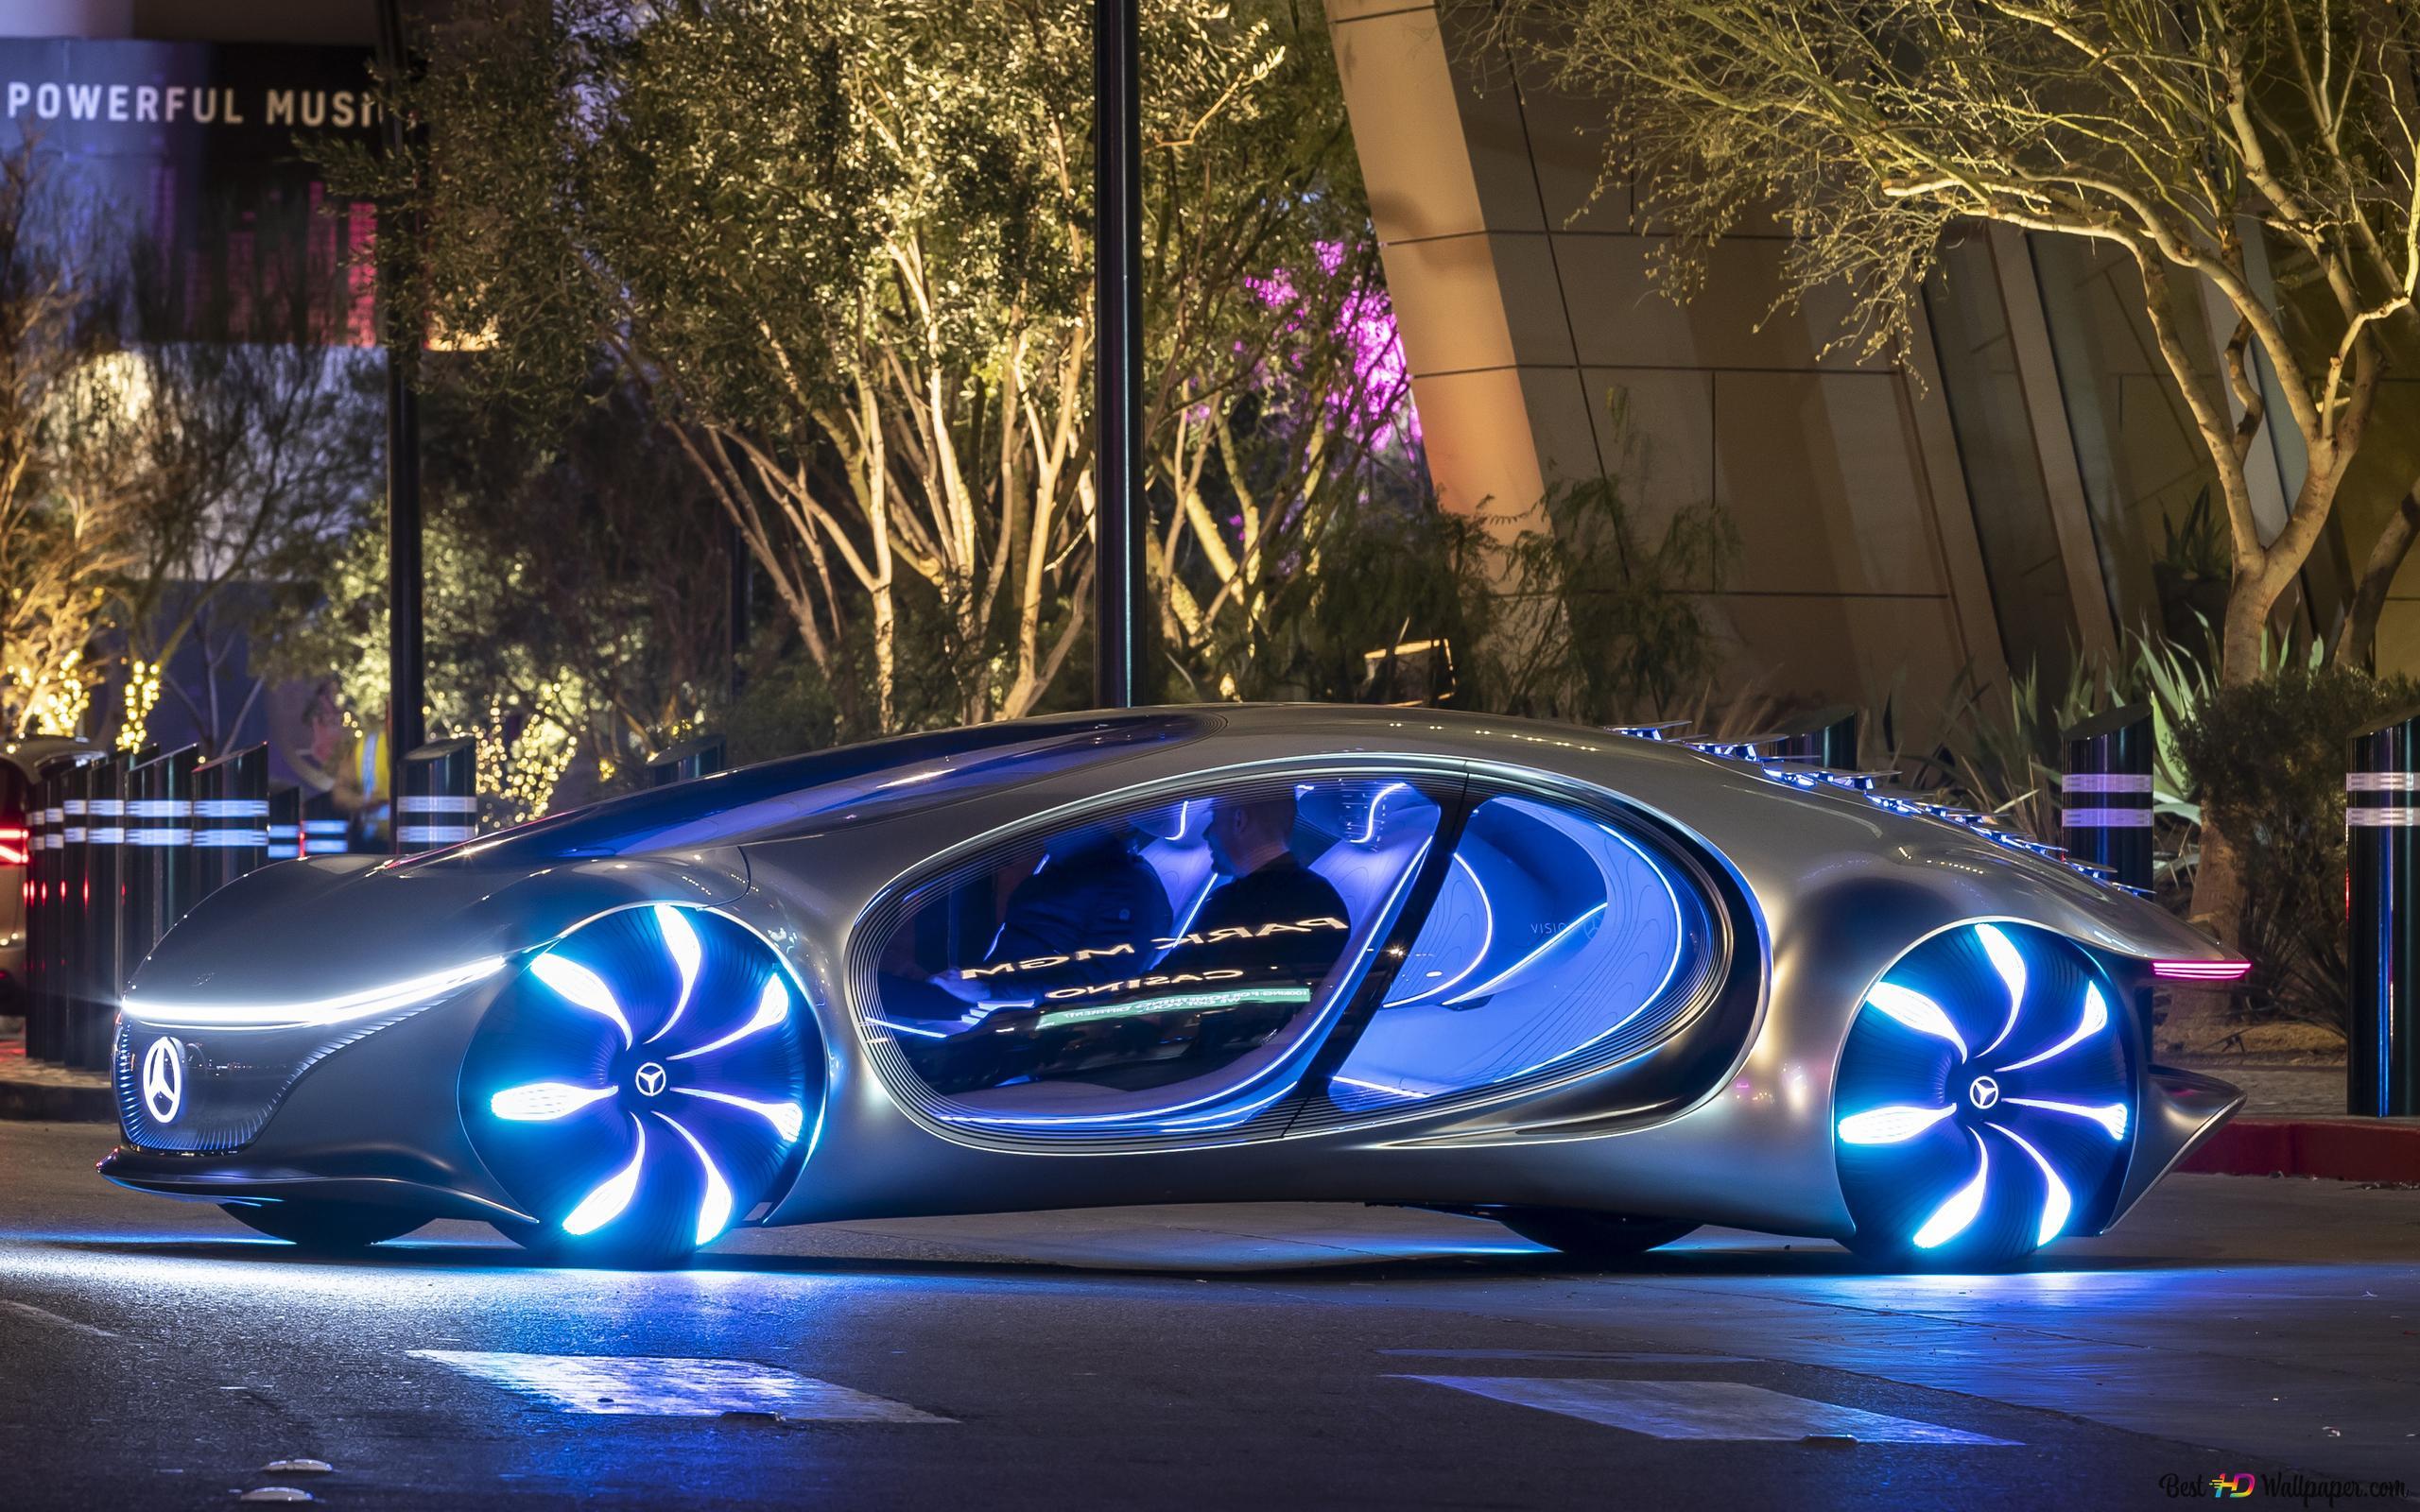 Ces 2020 Mercedes Benz Vision Avtr Futuristic Car Hd Wallpaper Download